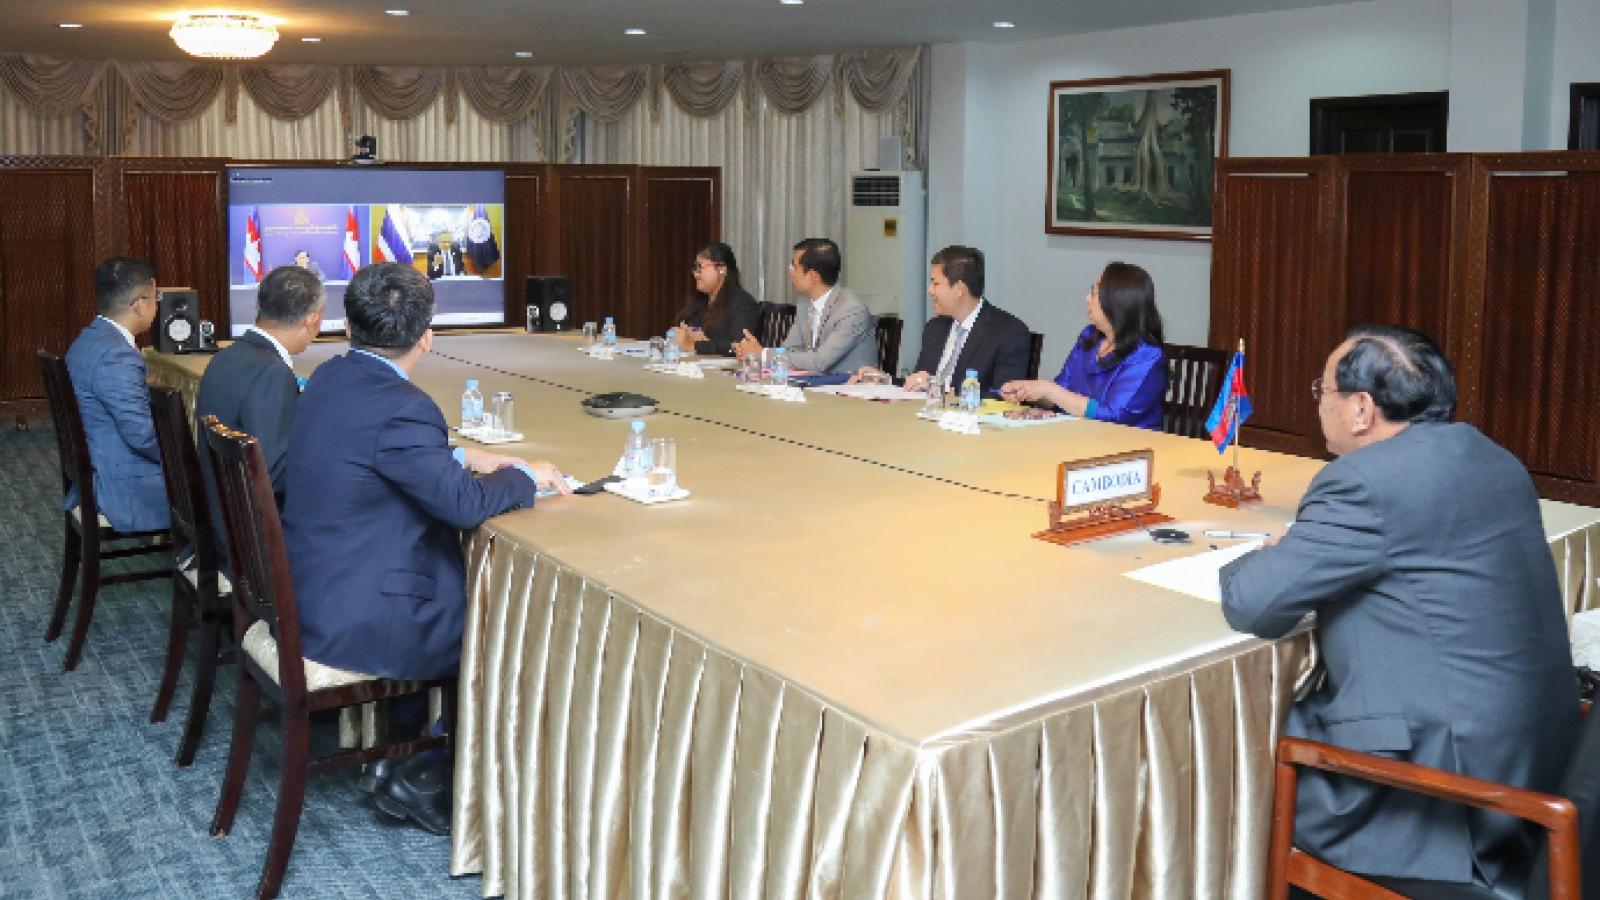 Campuchia và Thái Lan mở thêm cửa khẩu chính và cửa khẩu quốc tế